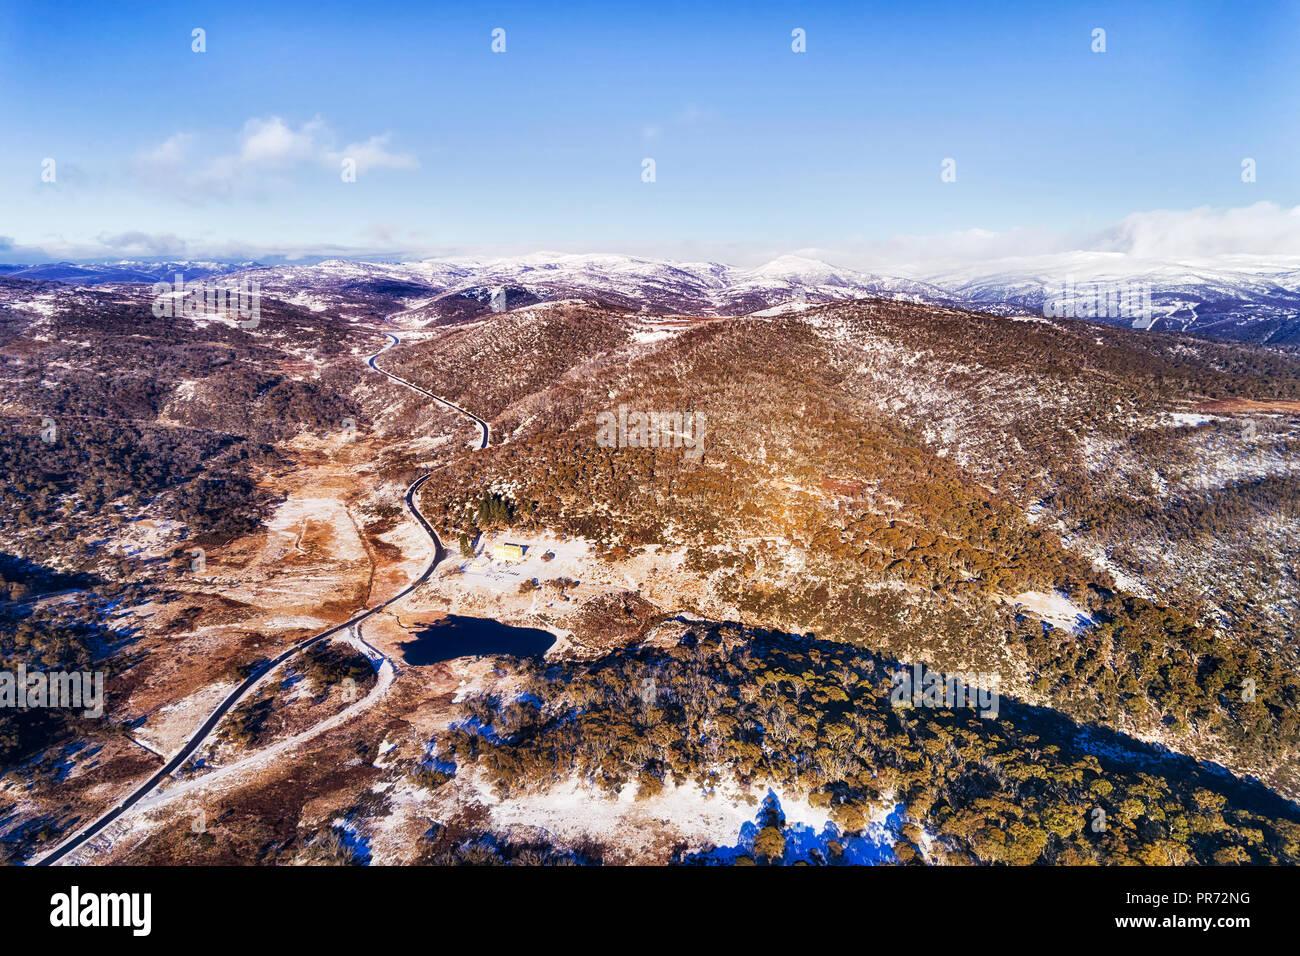 Lontane cime delle montagne coperte di bianco neve nella stagione invernale in alta montagna innevata di australia - popolare lo sci e lo snowboard resort di perire Immagini Stock